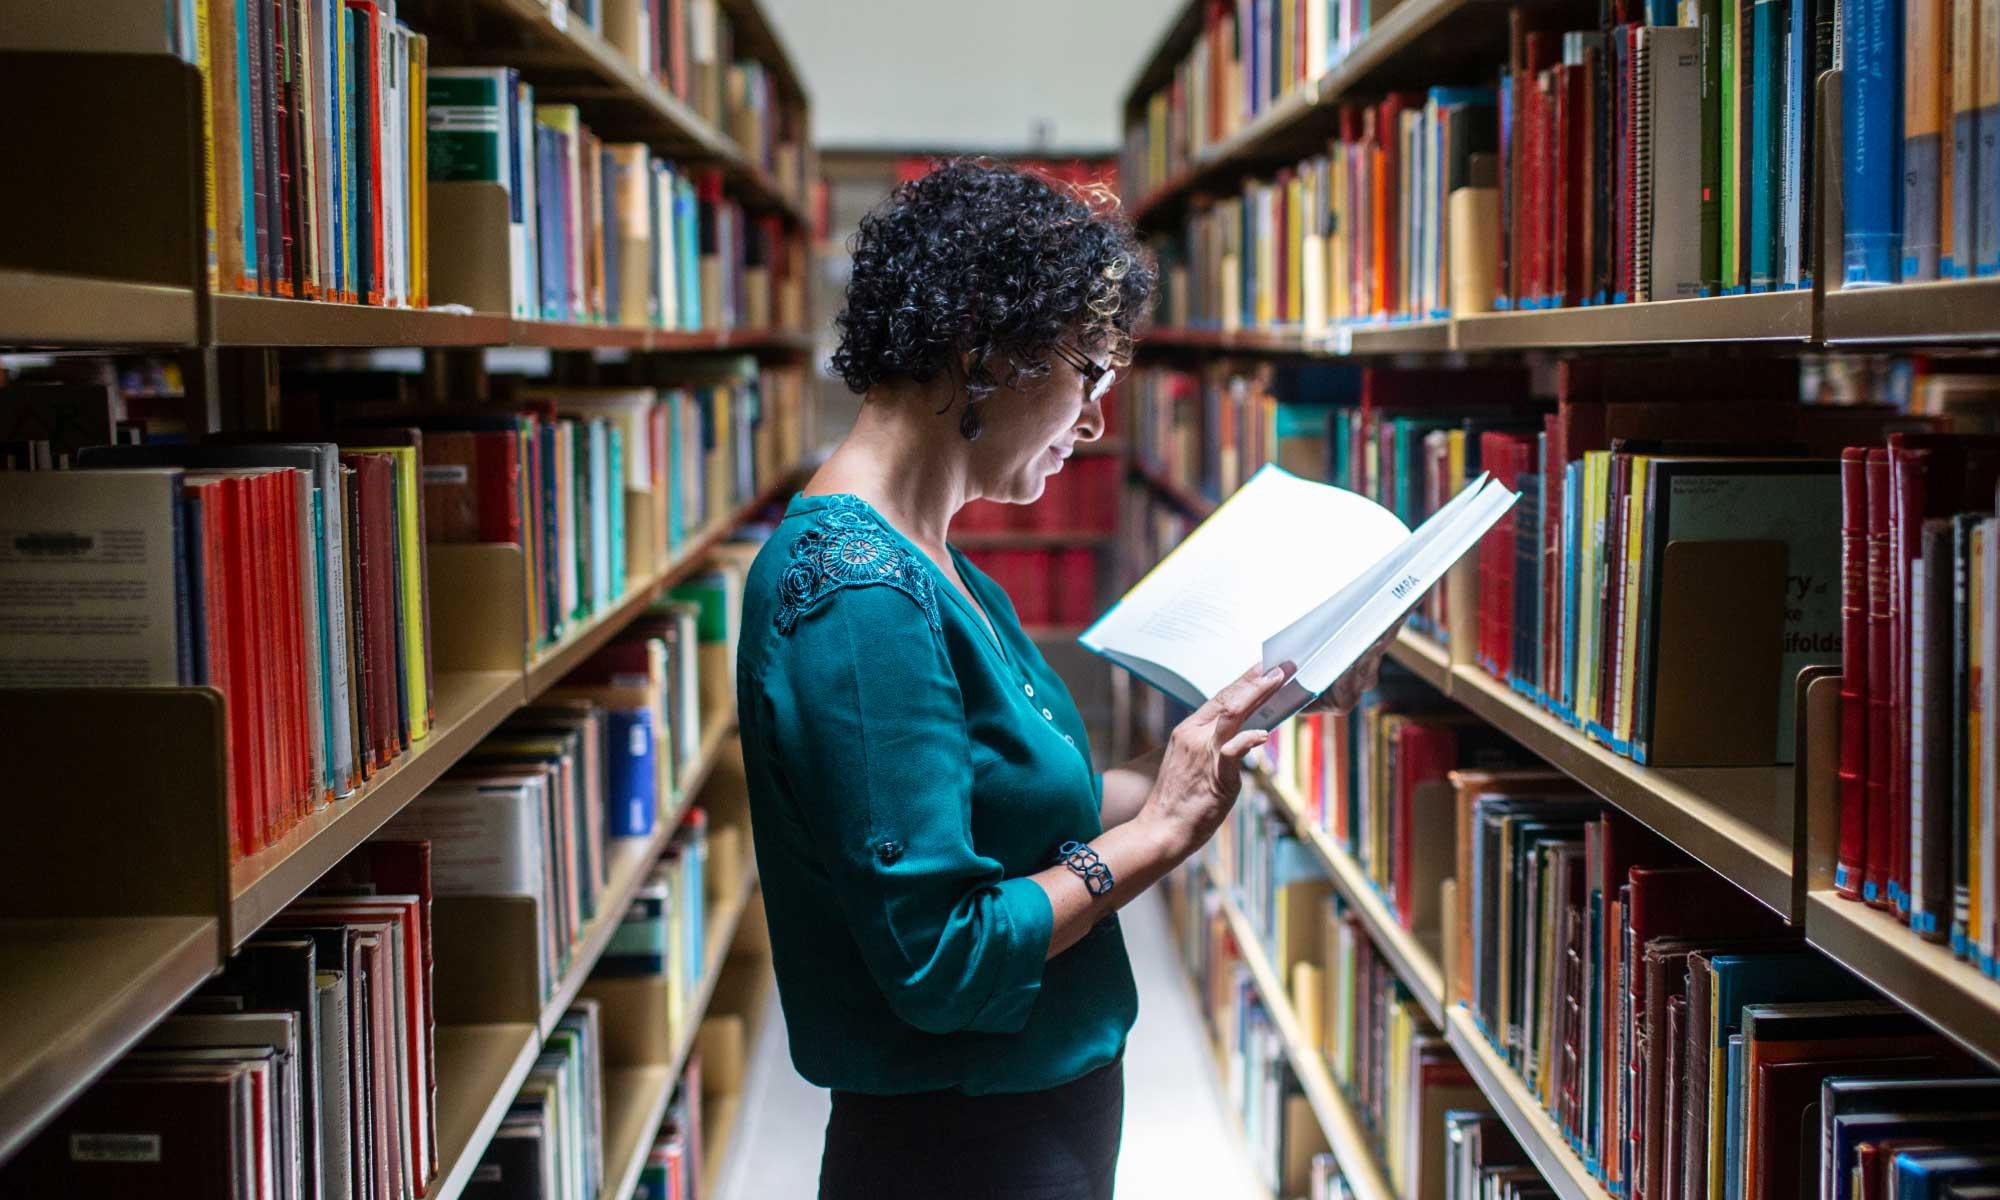 Carolina Araujo in the library at IMPA